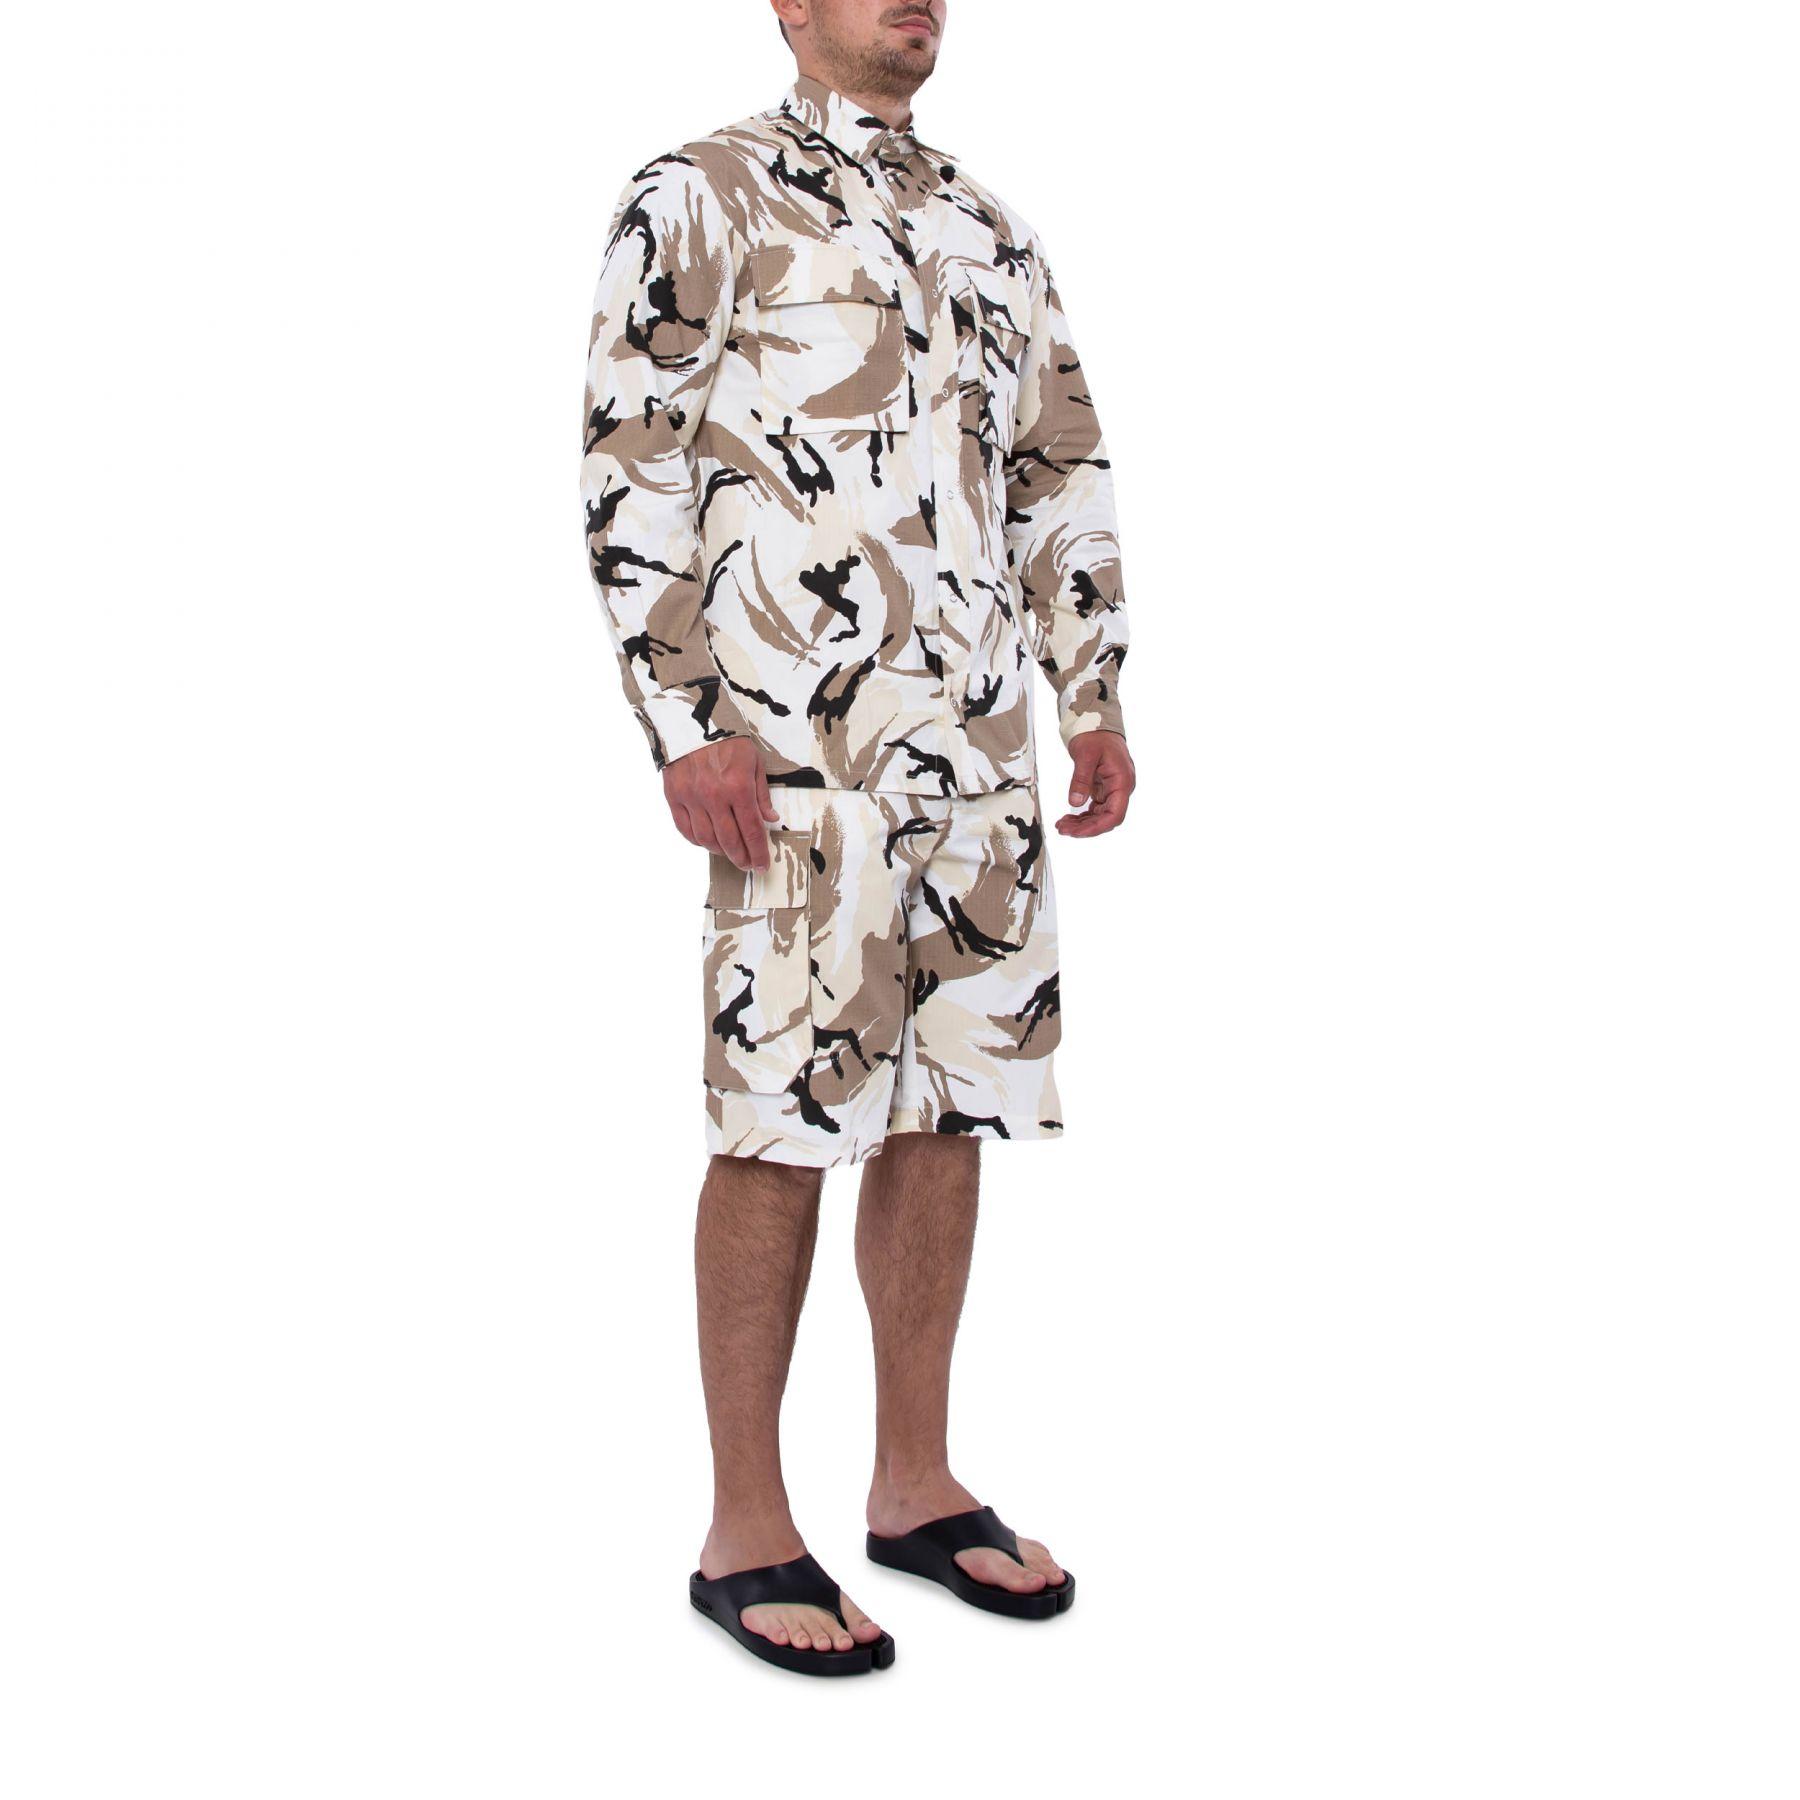 Рубашка с длинными рукавами Kenzo Tropic Camo бело-коричневая